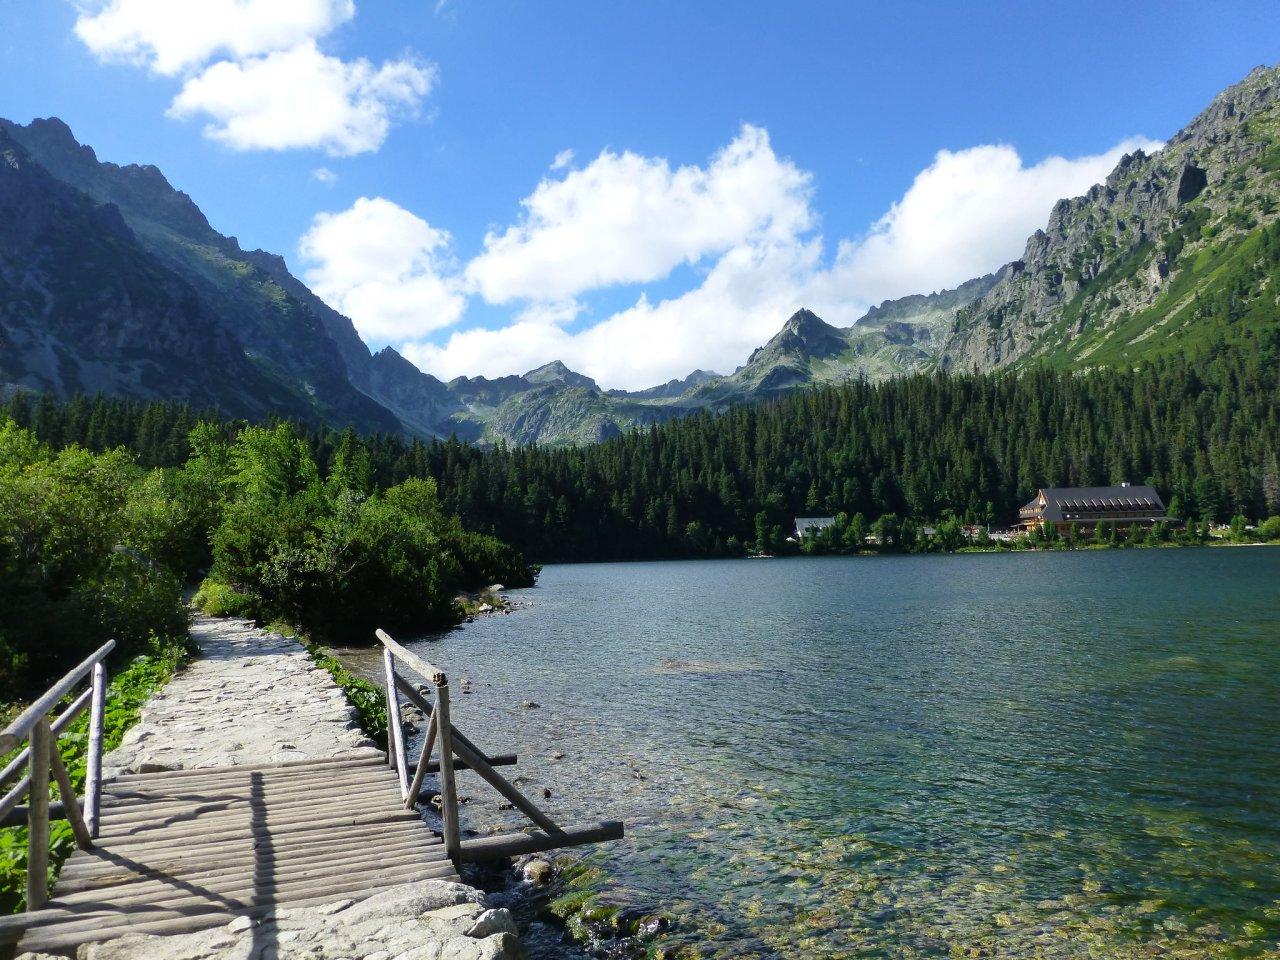 Popradské pleso, Tatra Mountains, Slovakia – 2